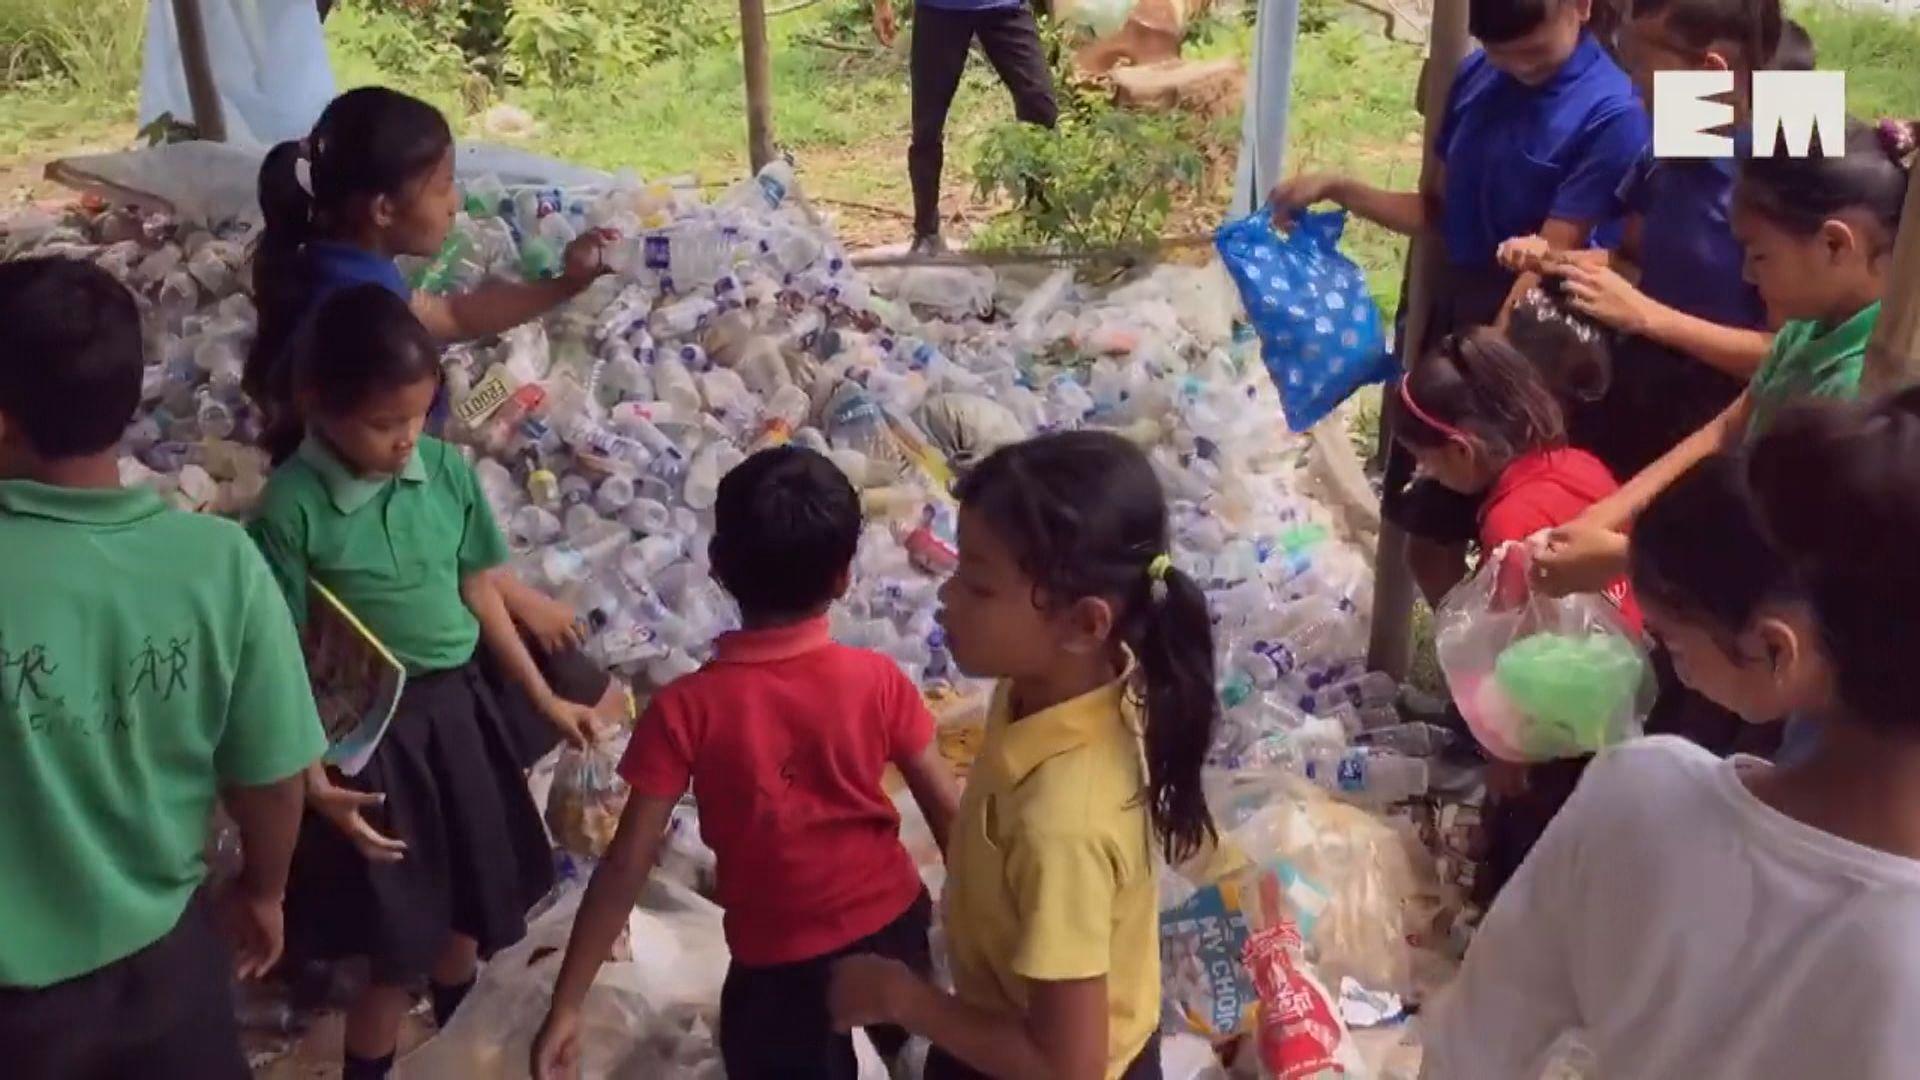 【環球薈報】印度學校以塑膠垃圾當學費